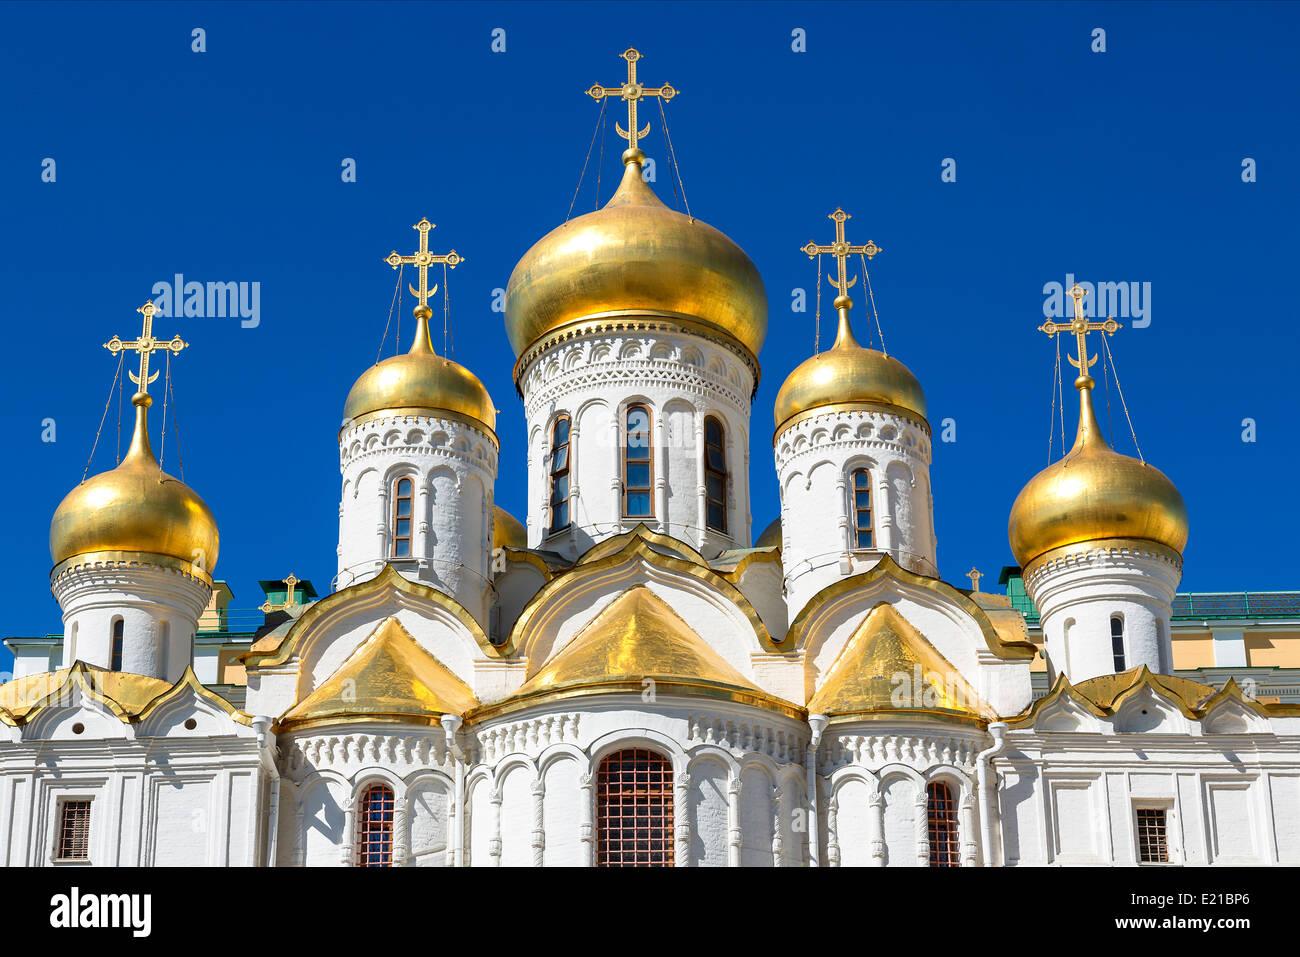 Moscou, la cathédrale de l'Annonciation Photo Stock